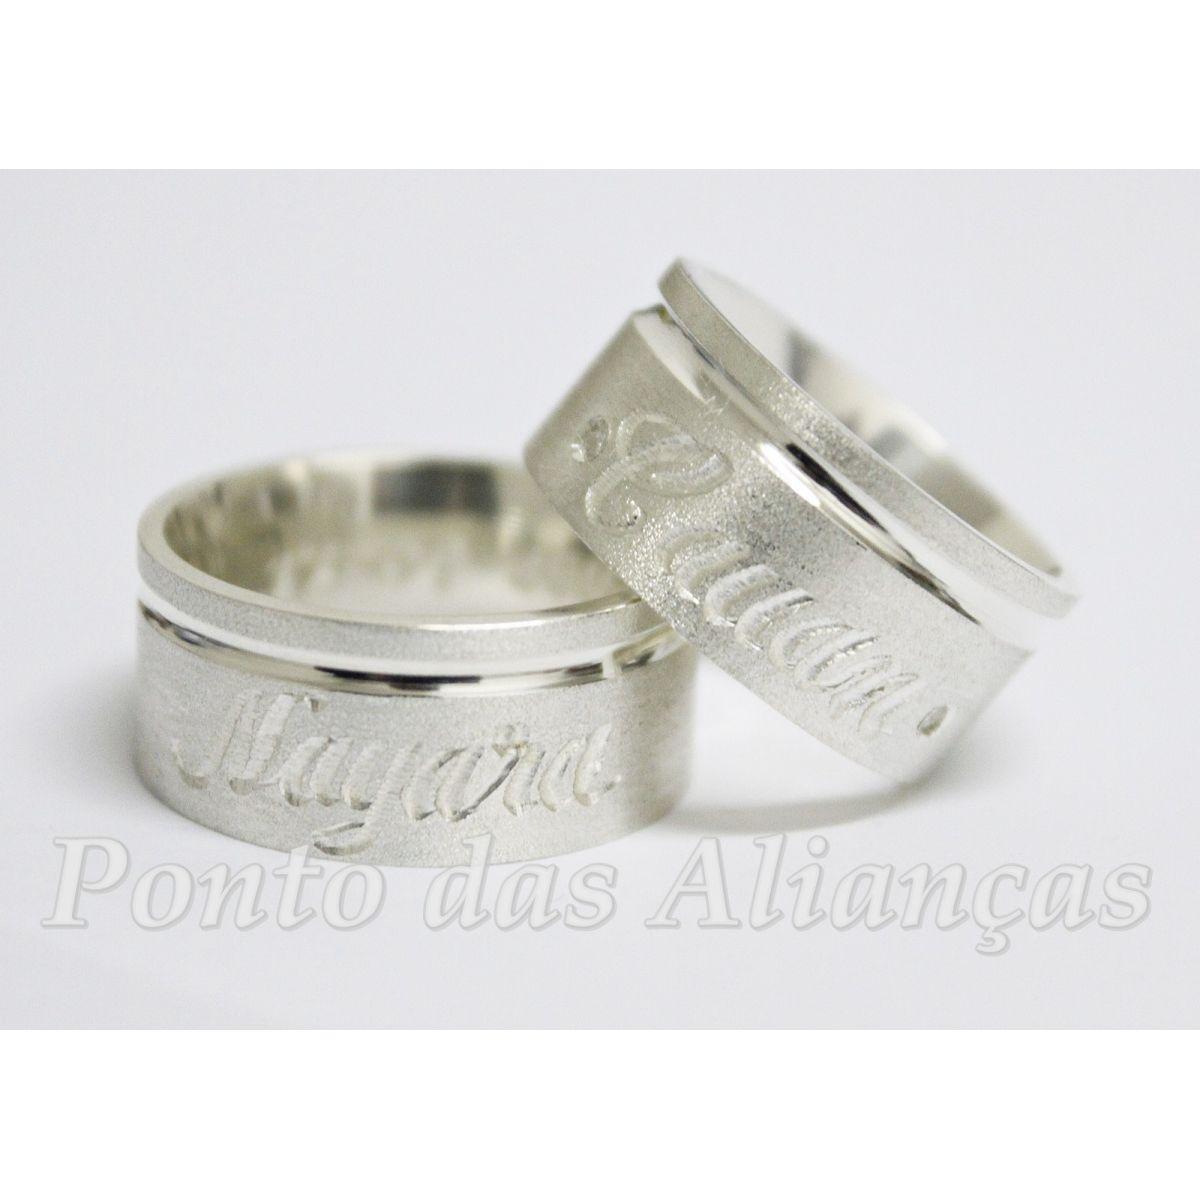 Alianças de Prata Compromisso - 3024